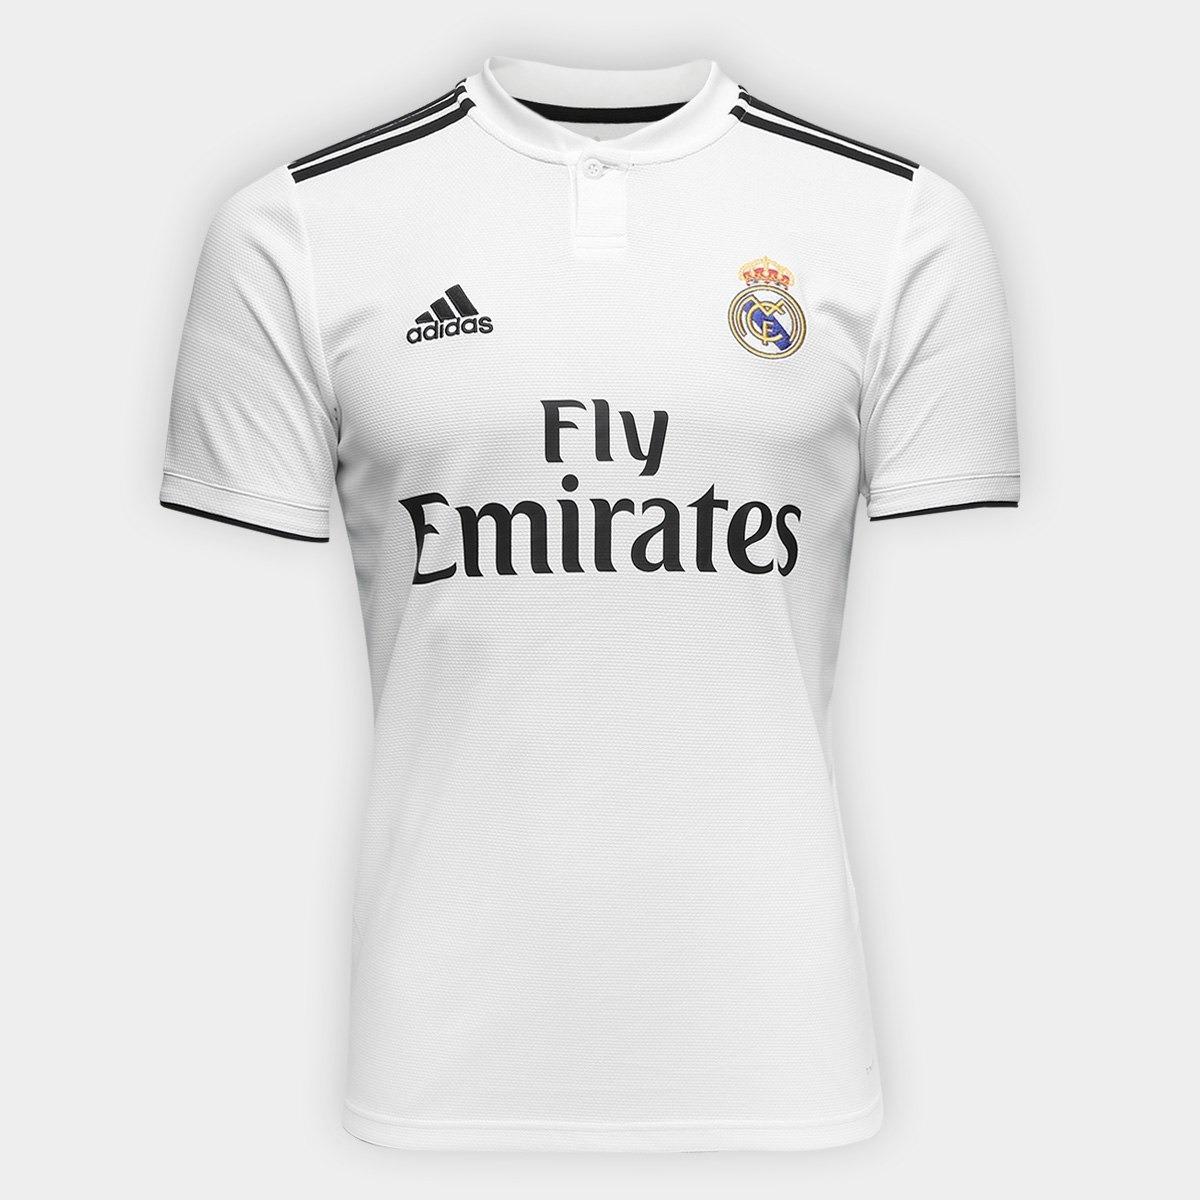 740f1b1cfd ... Camisa Do Real Madrid Oficial Lancamento 2018 2019 R 179 90 Em  ab53591a4c2960 ...